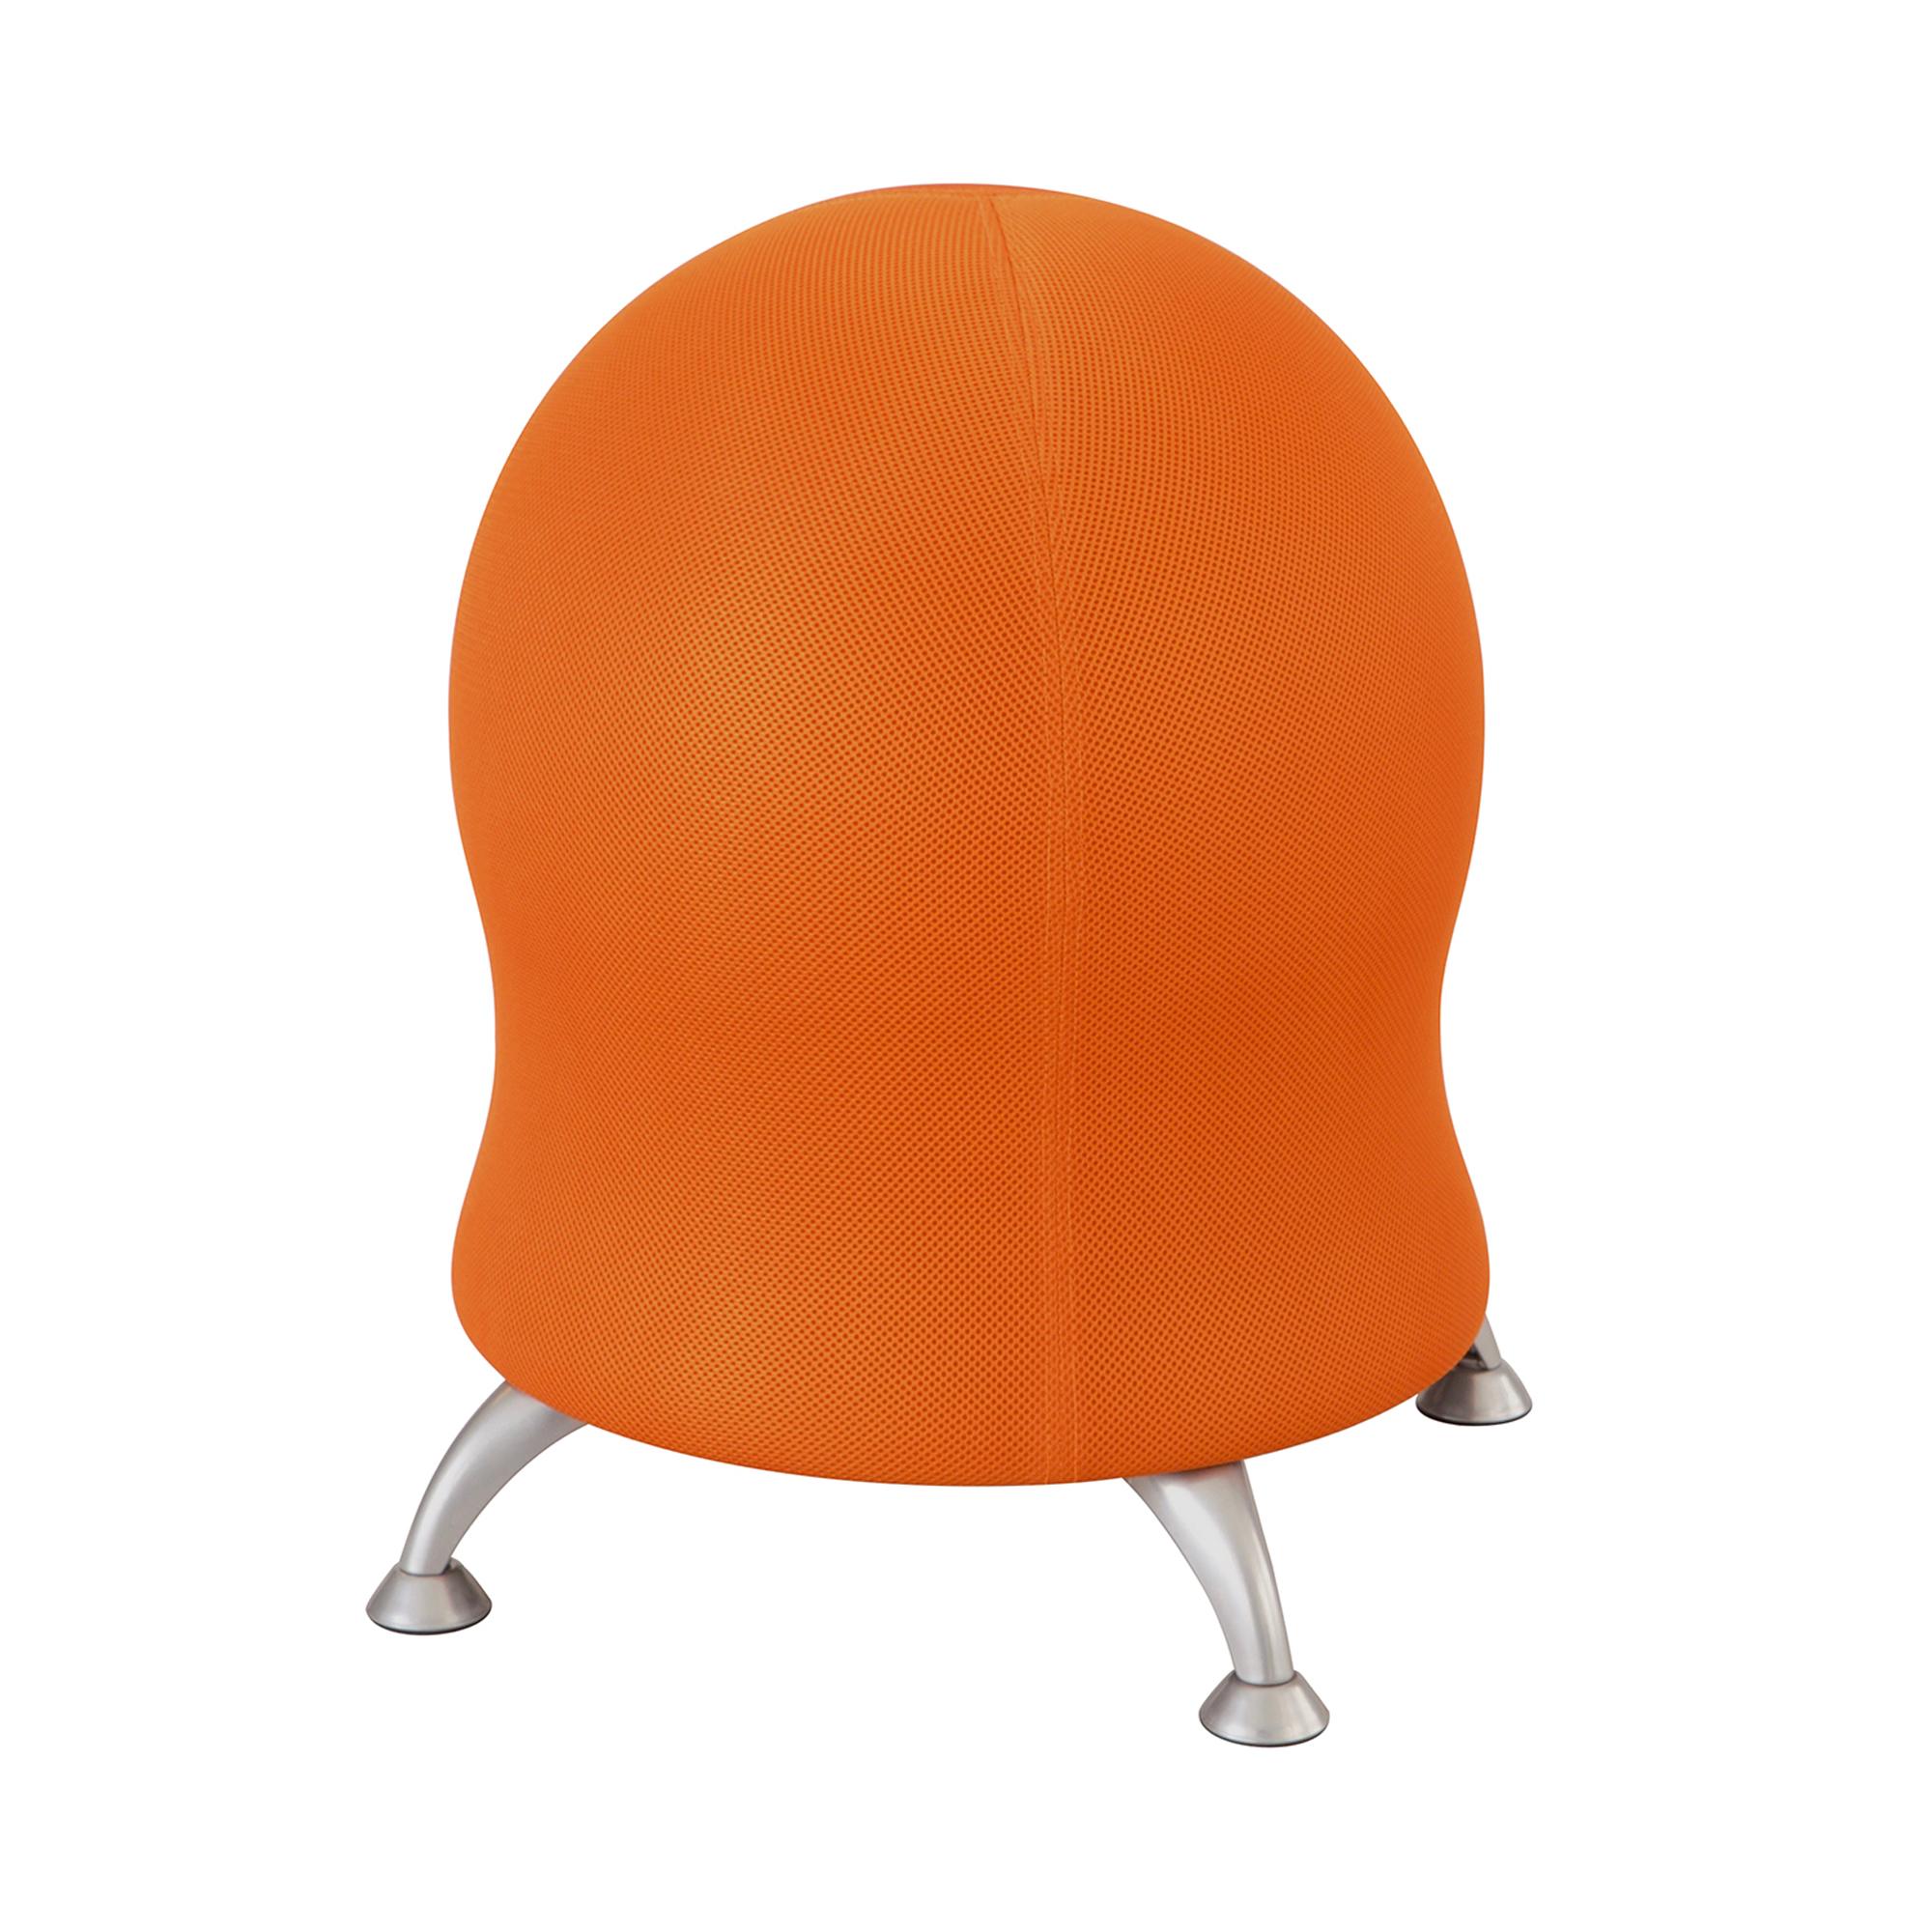 Zenergy Ball Chair Wittfitt Learning In Motion